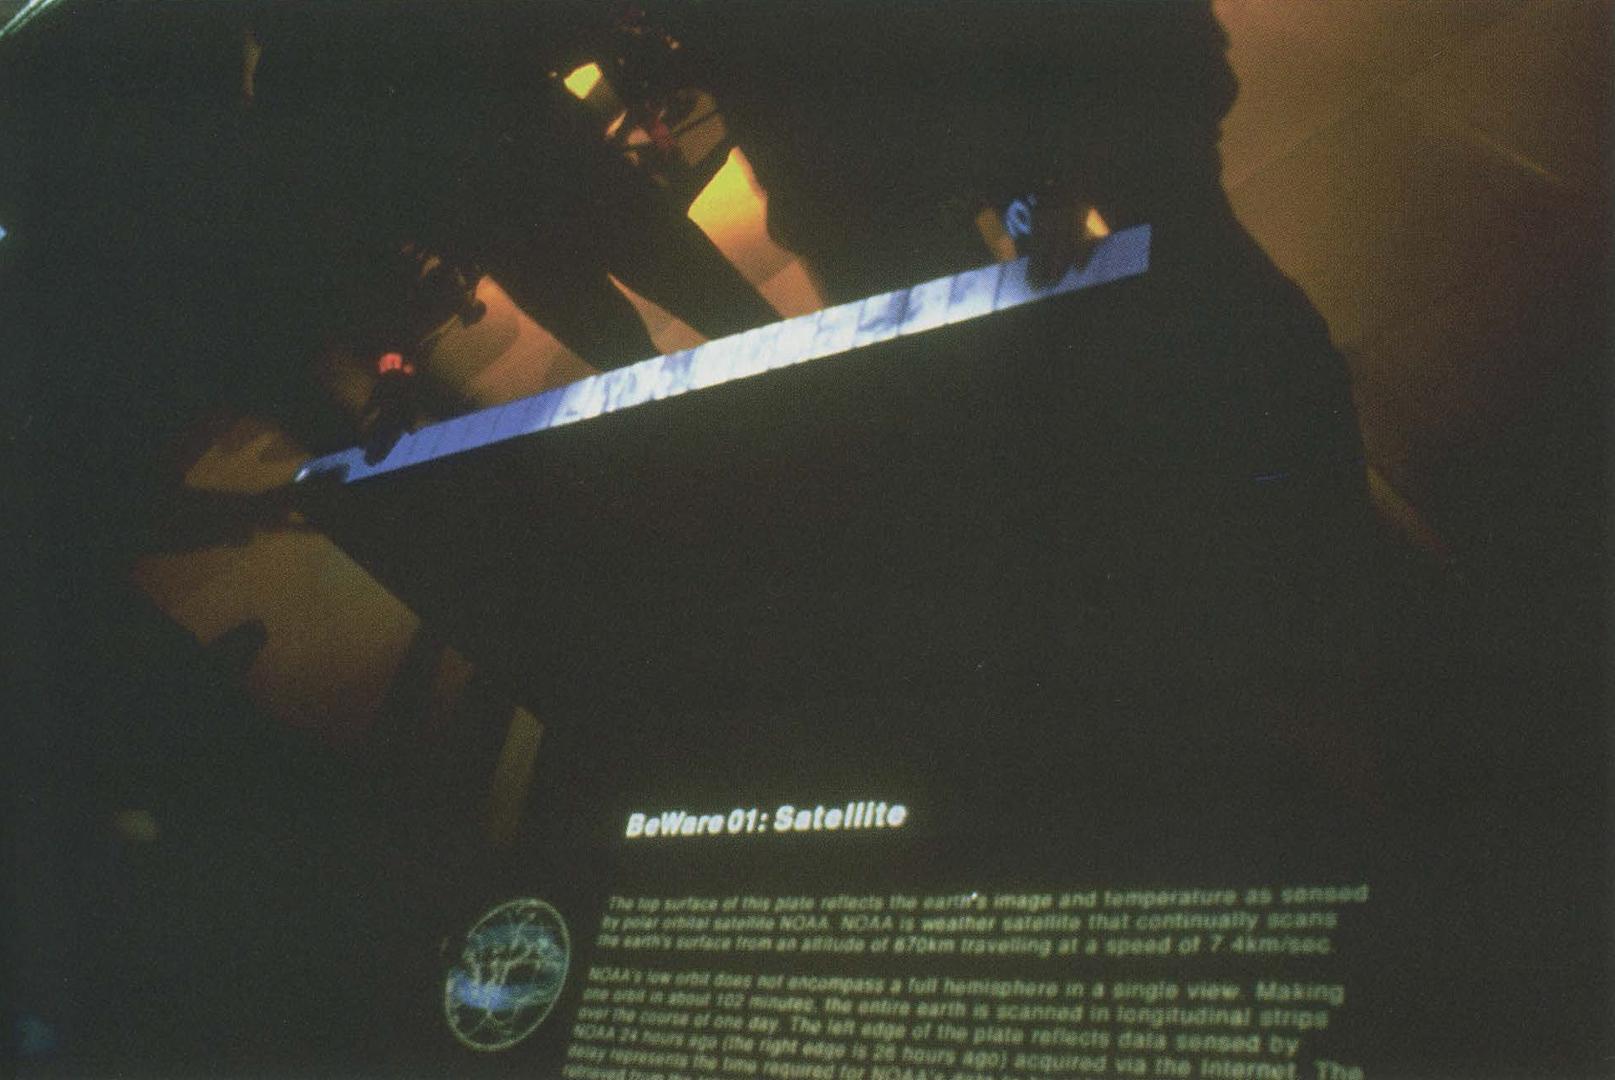 ©1997, sensorium/BeWare02, BeWare02:satellite